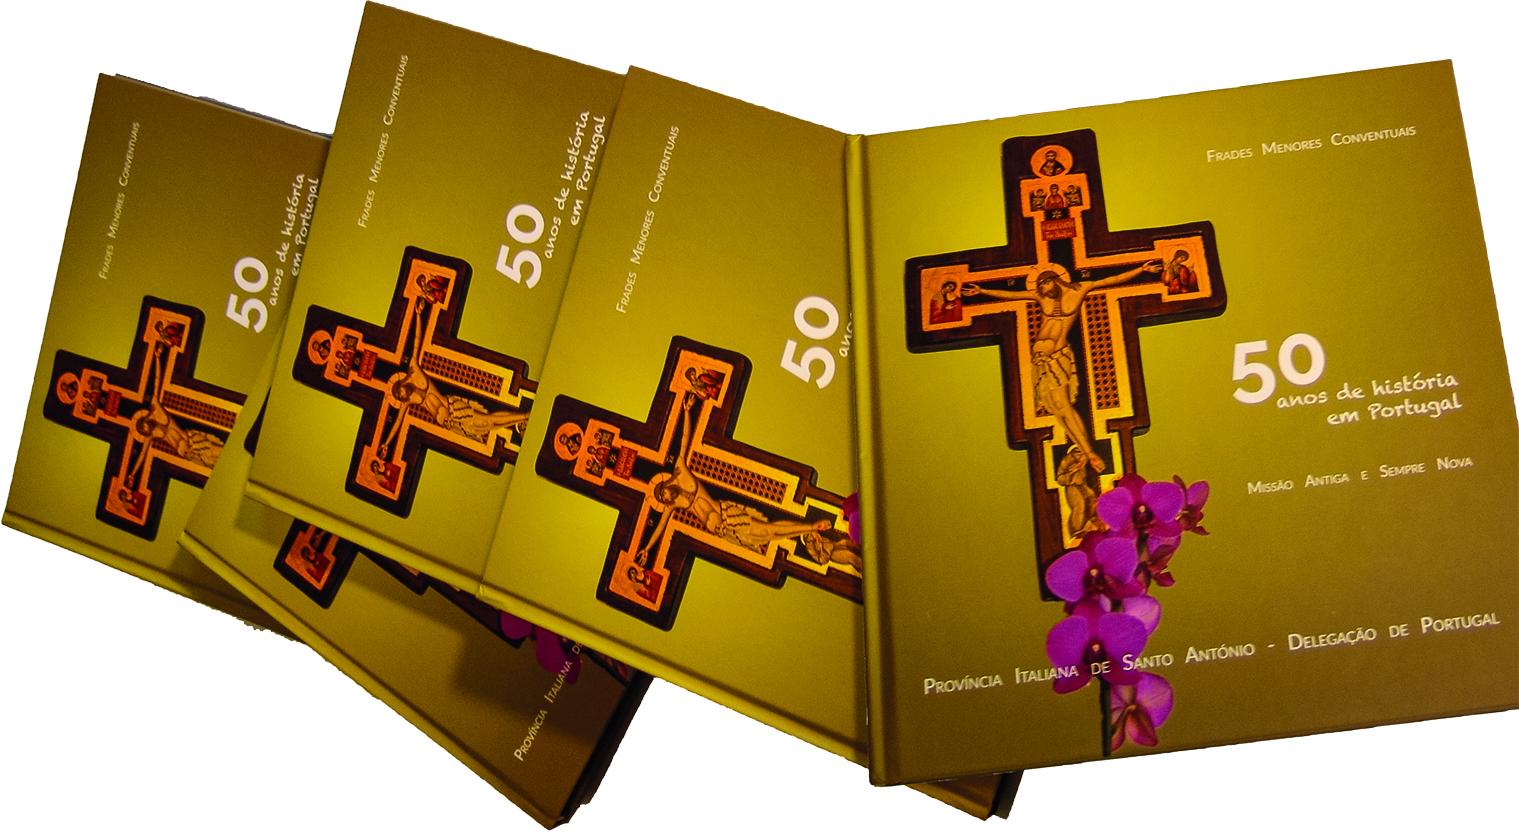 50 anos de história em Portugal - Missão antiga e sempre nova. Franciscanos conventuais (Frades Menores Conventuais) 1967 - 2017.